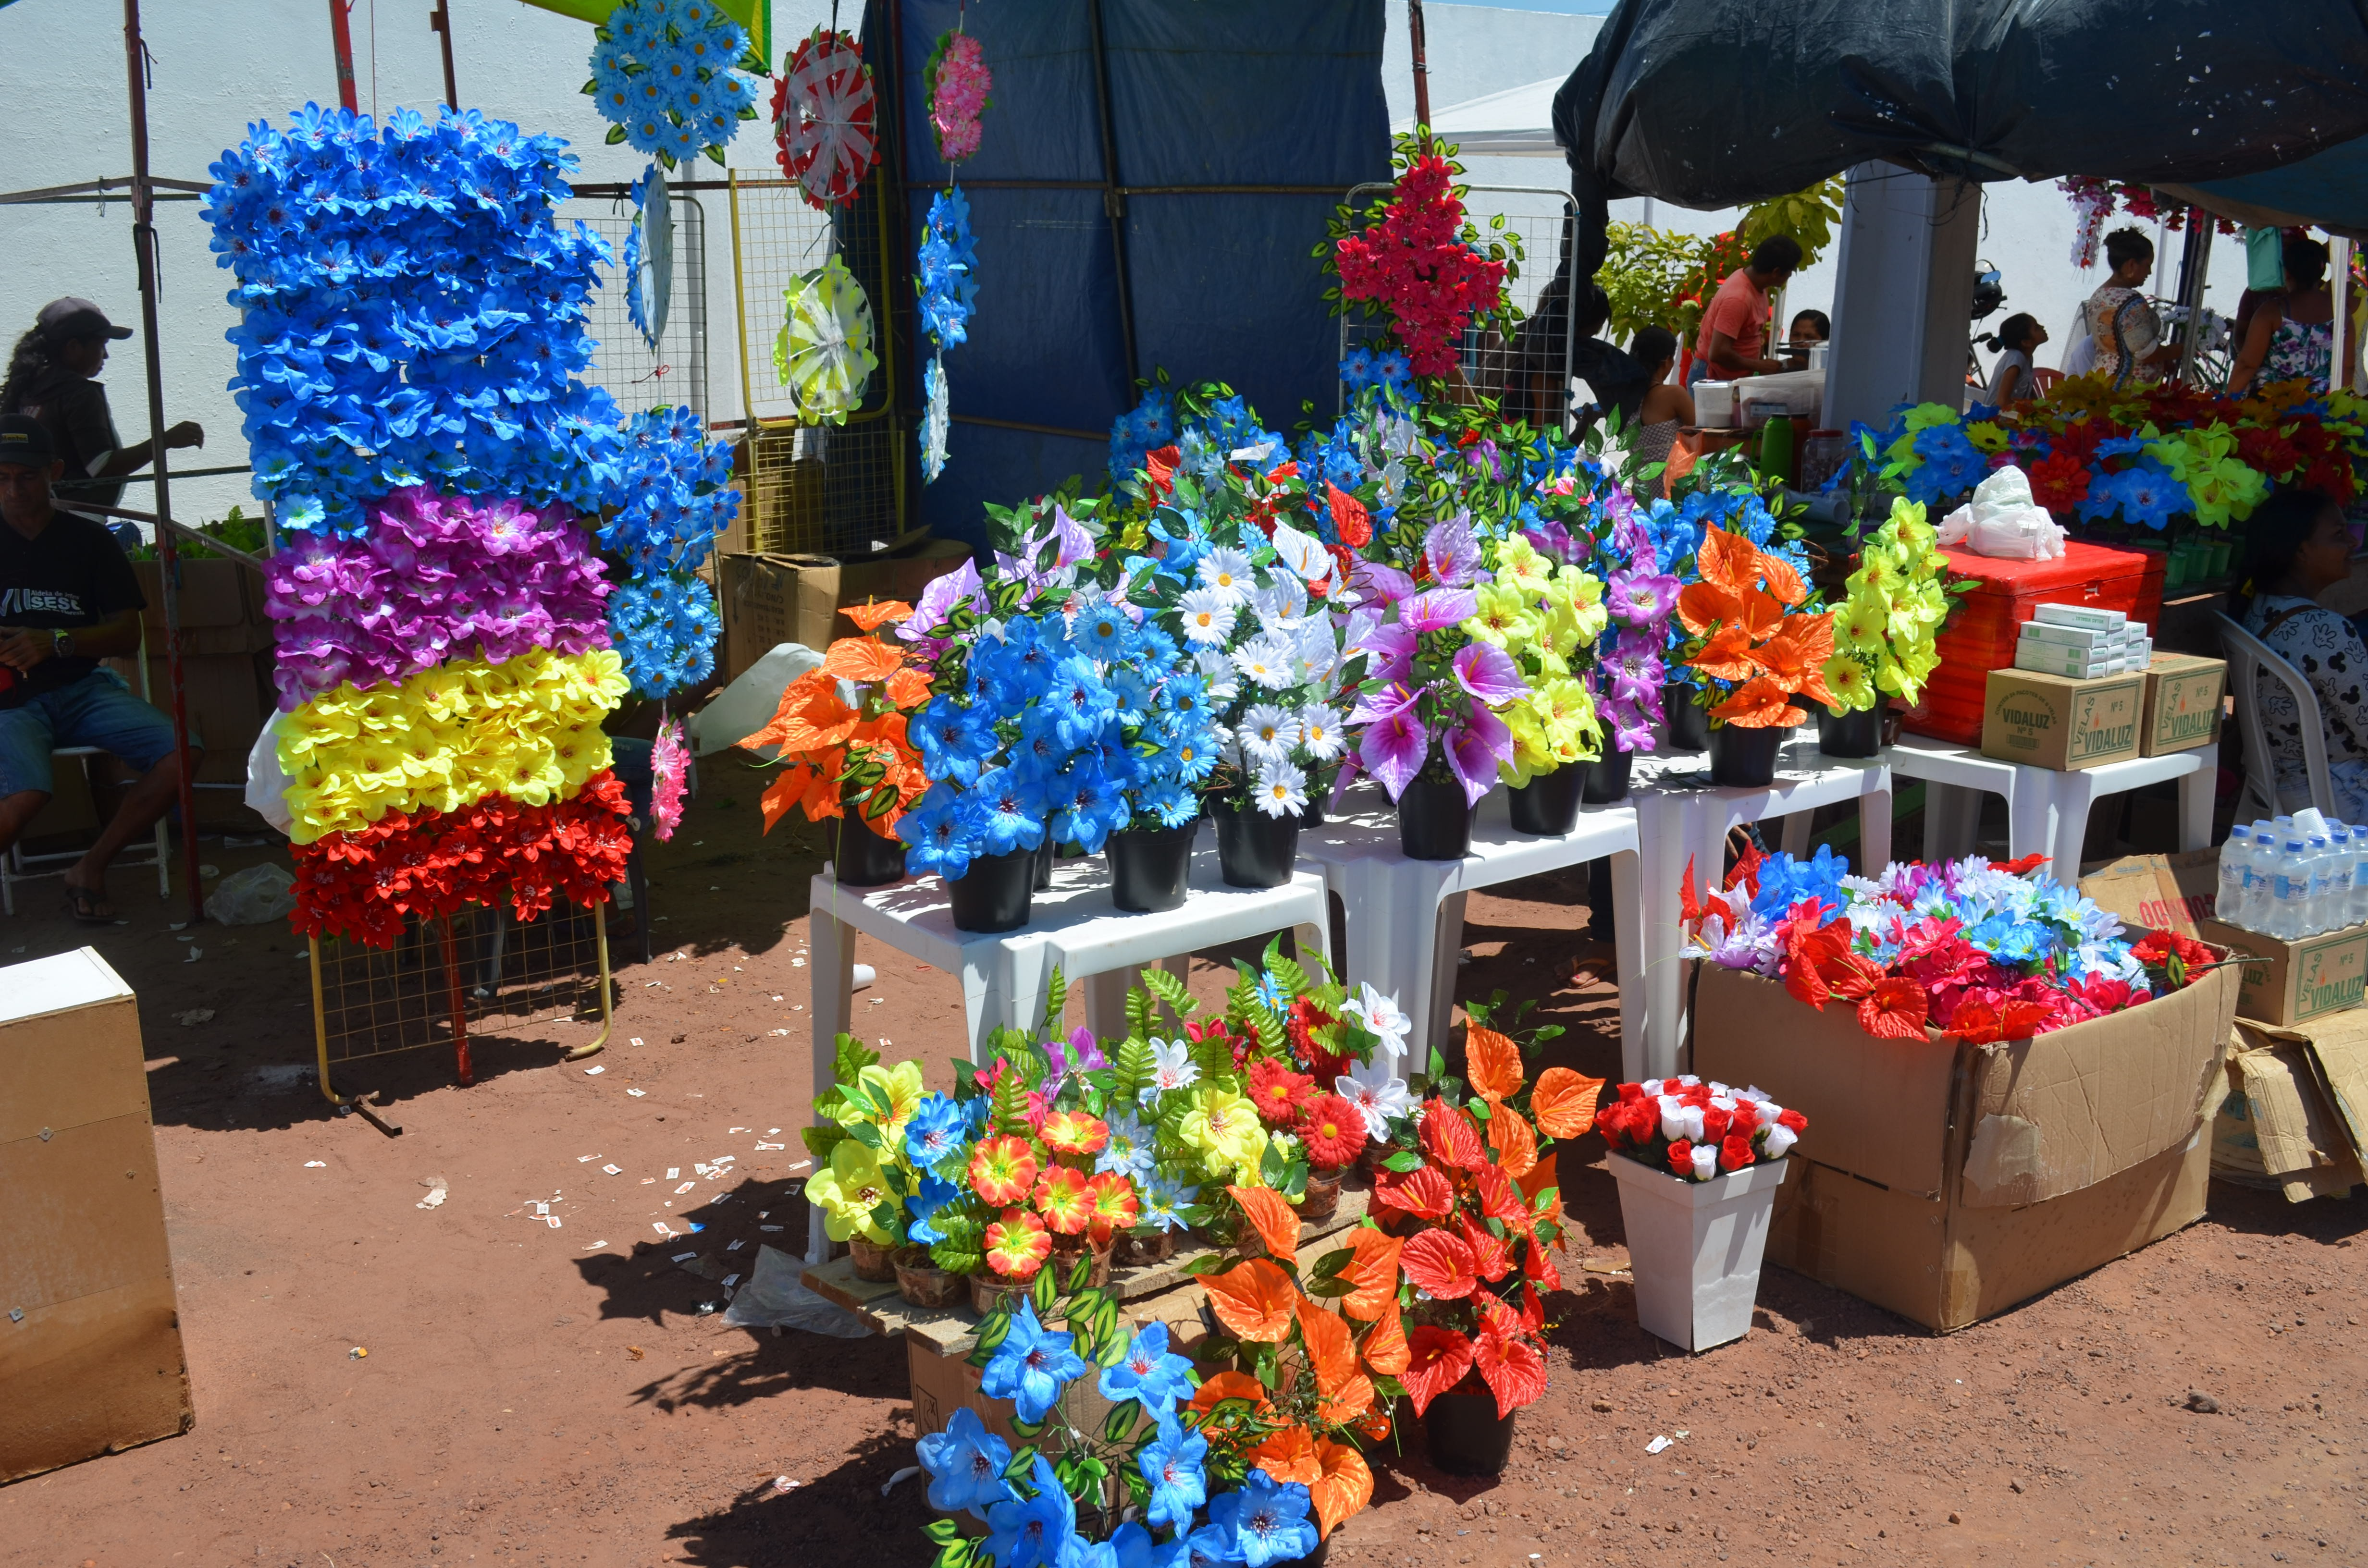 Cadastramento abre 120 vagas para vendas no Dia de Finados em cemitérios de Macapá - Radio Evangelho Gospel